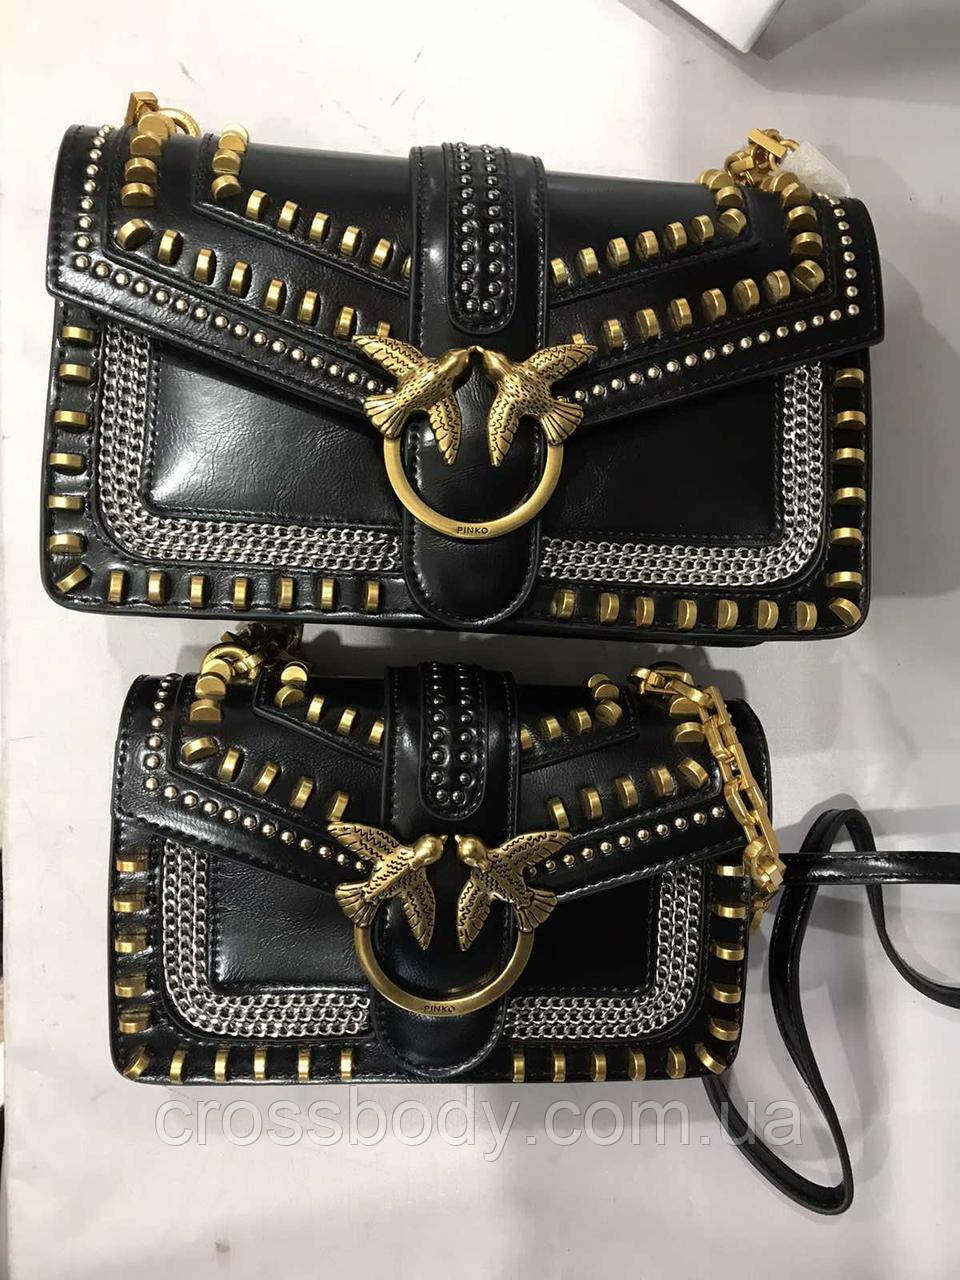 Gucci Pinko сумка женская в стиле коробка пыльник в комплекте